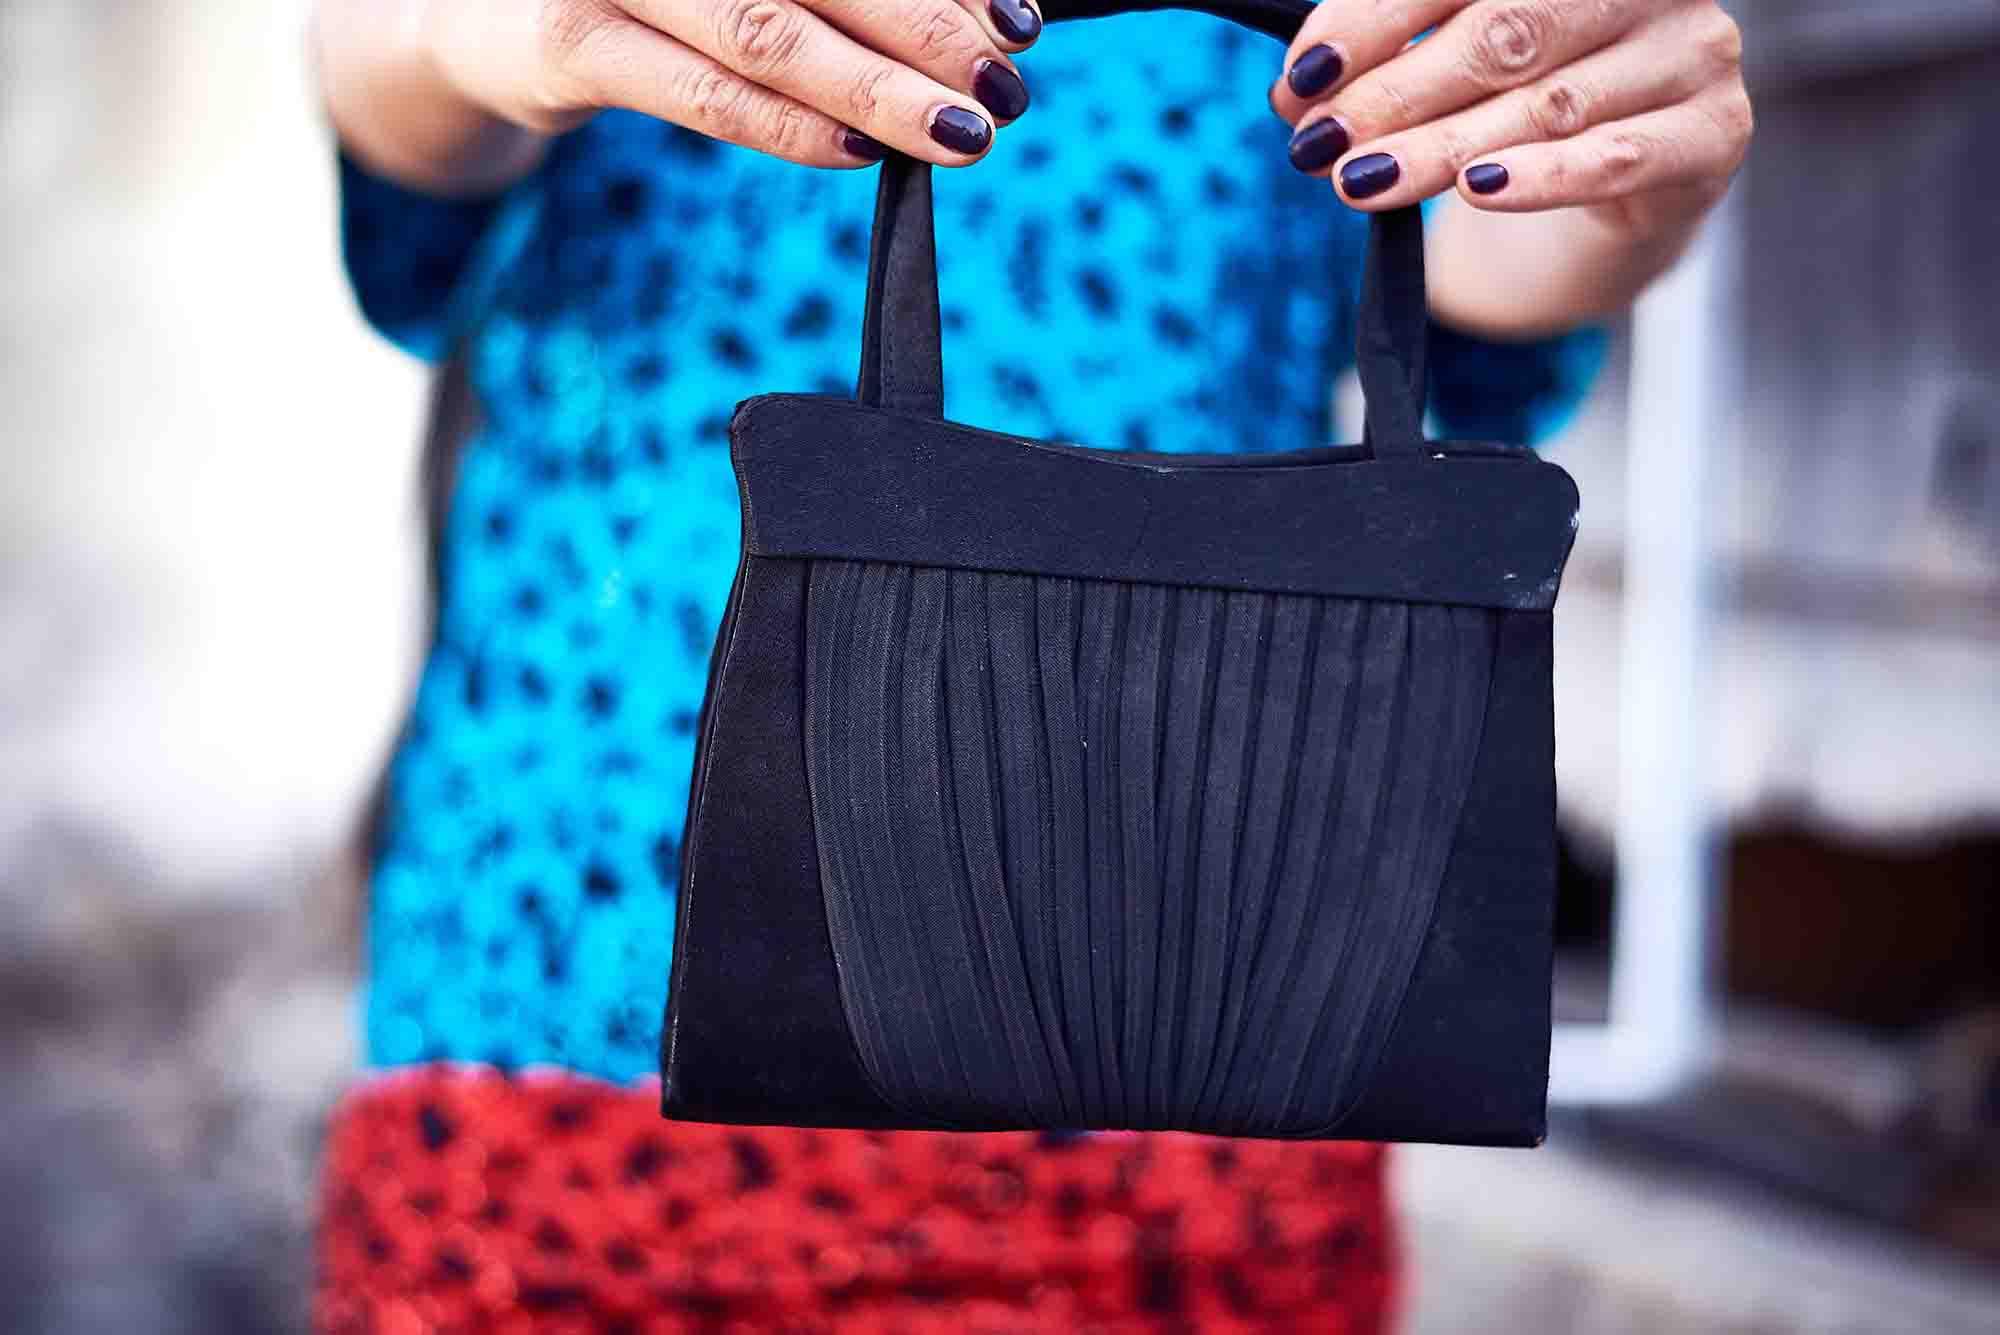 תיק לובשת וינטג מחיר 150 שח צילום kim kandler, מגזין אופנה